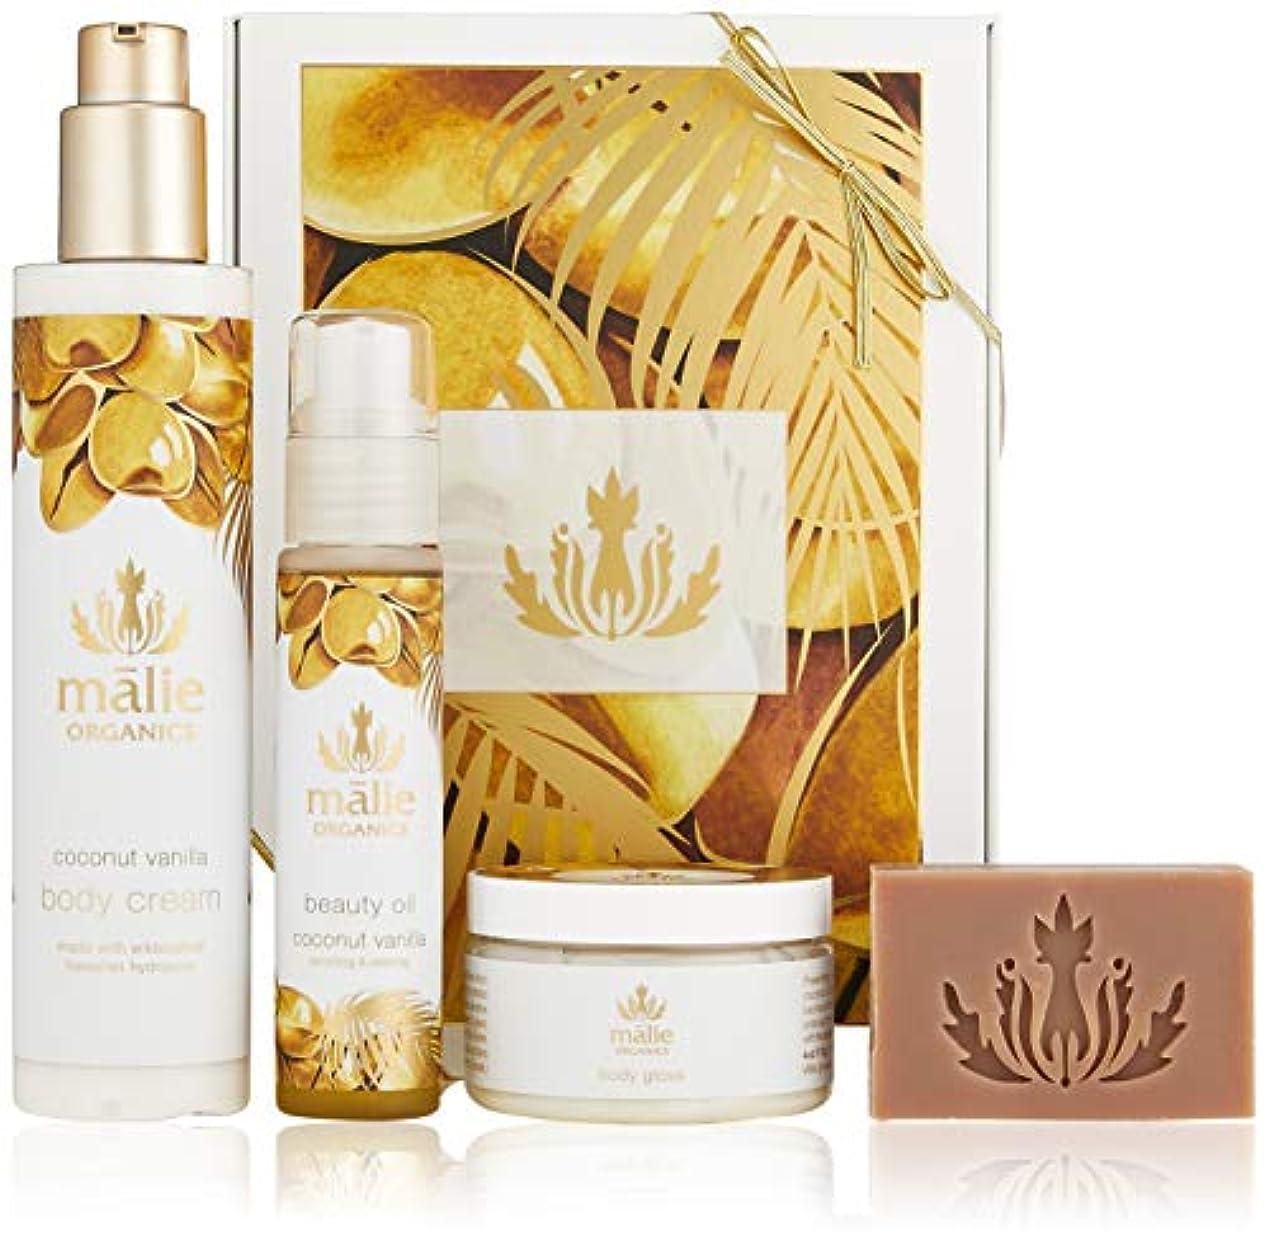 のれんロマンス一次Malie Organics(マリエオーガニクス) ラックススパボックス ココナッツバニラ (セット内容:Beauty Oil 75ml/ Body Cream 222ml/ Body Gloss 113g / Luxe...